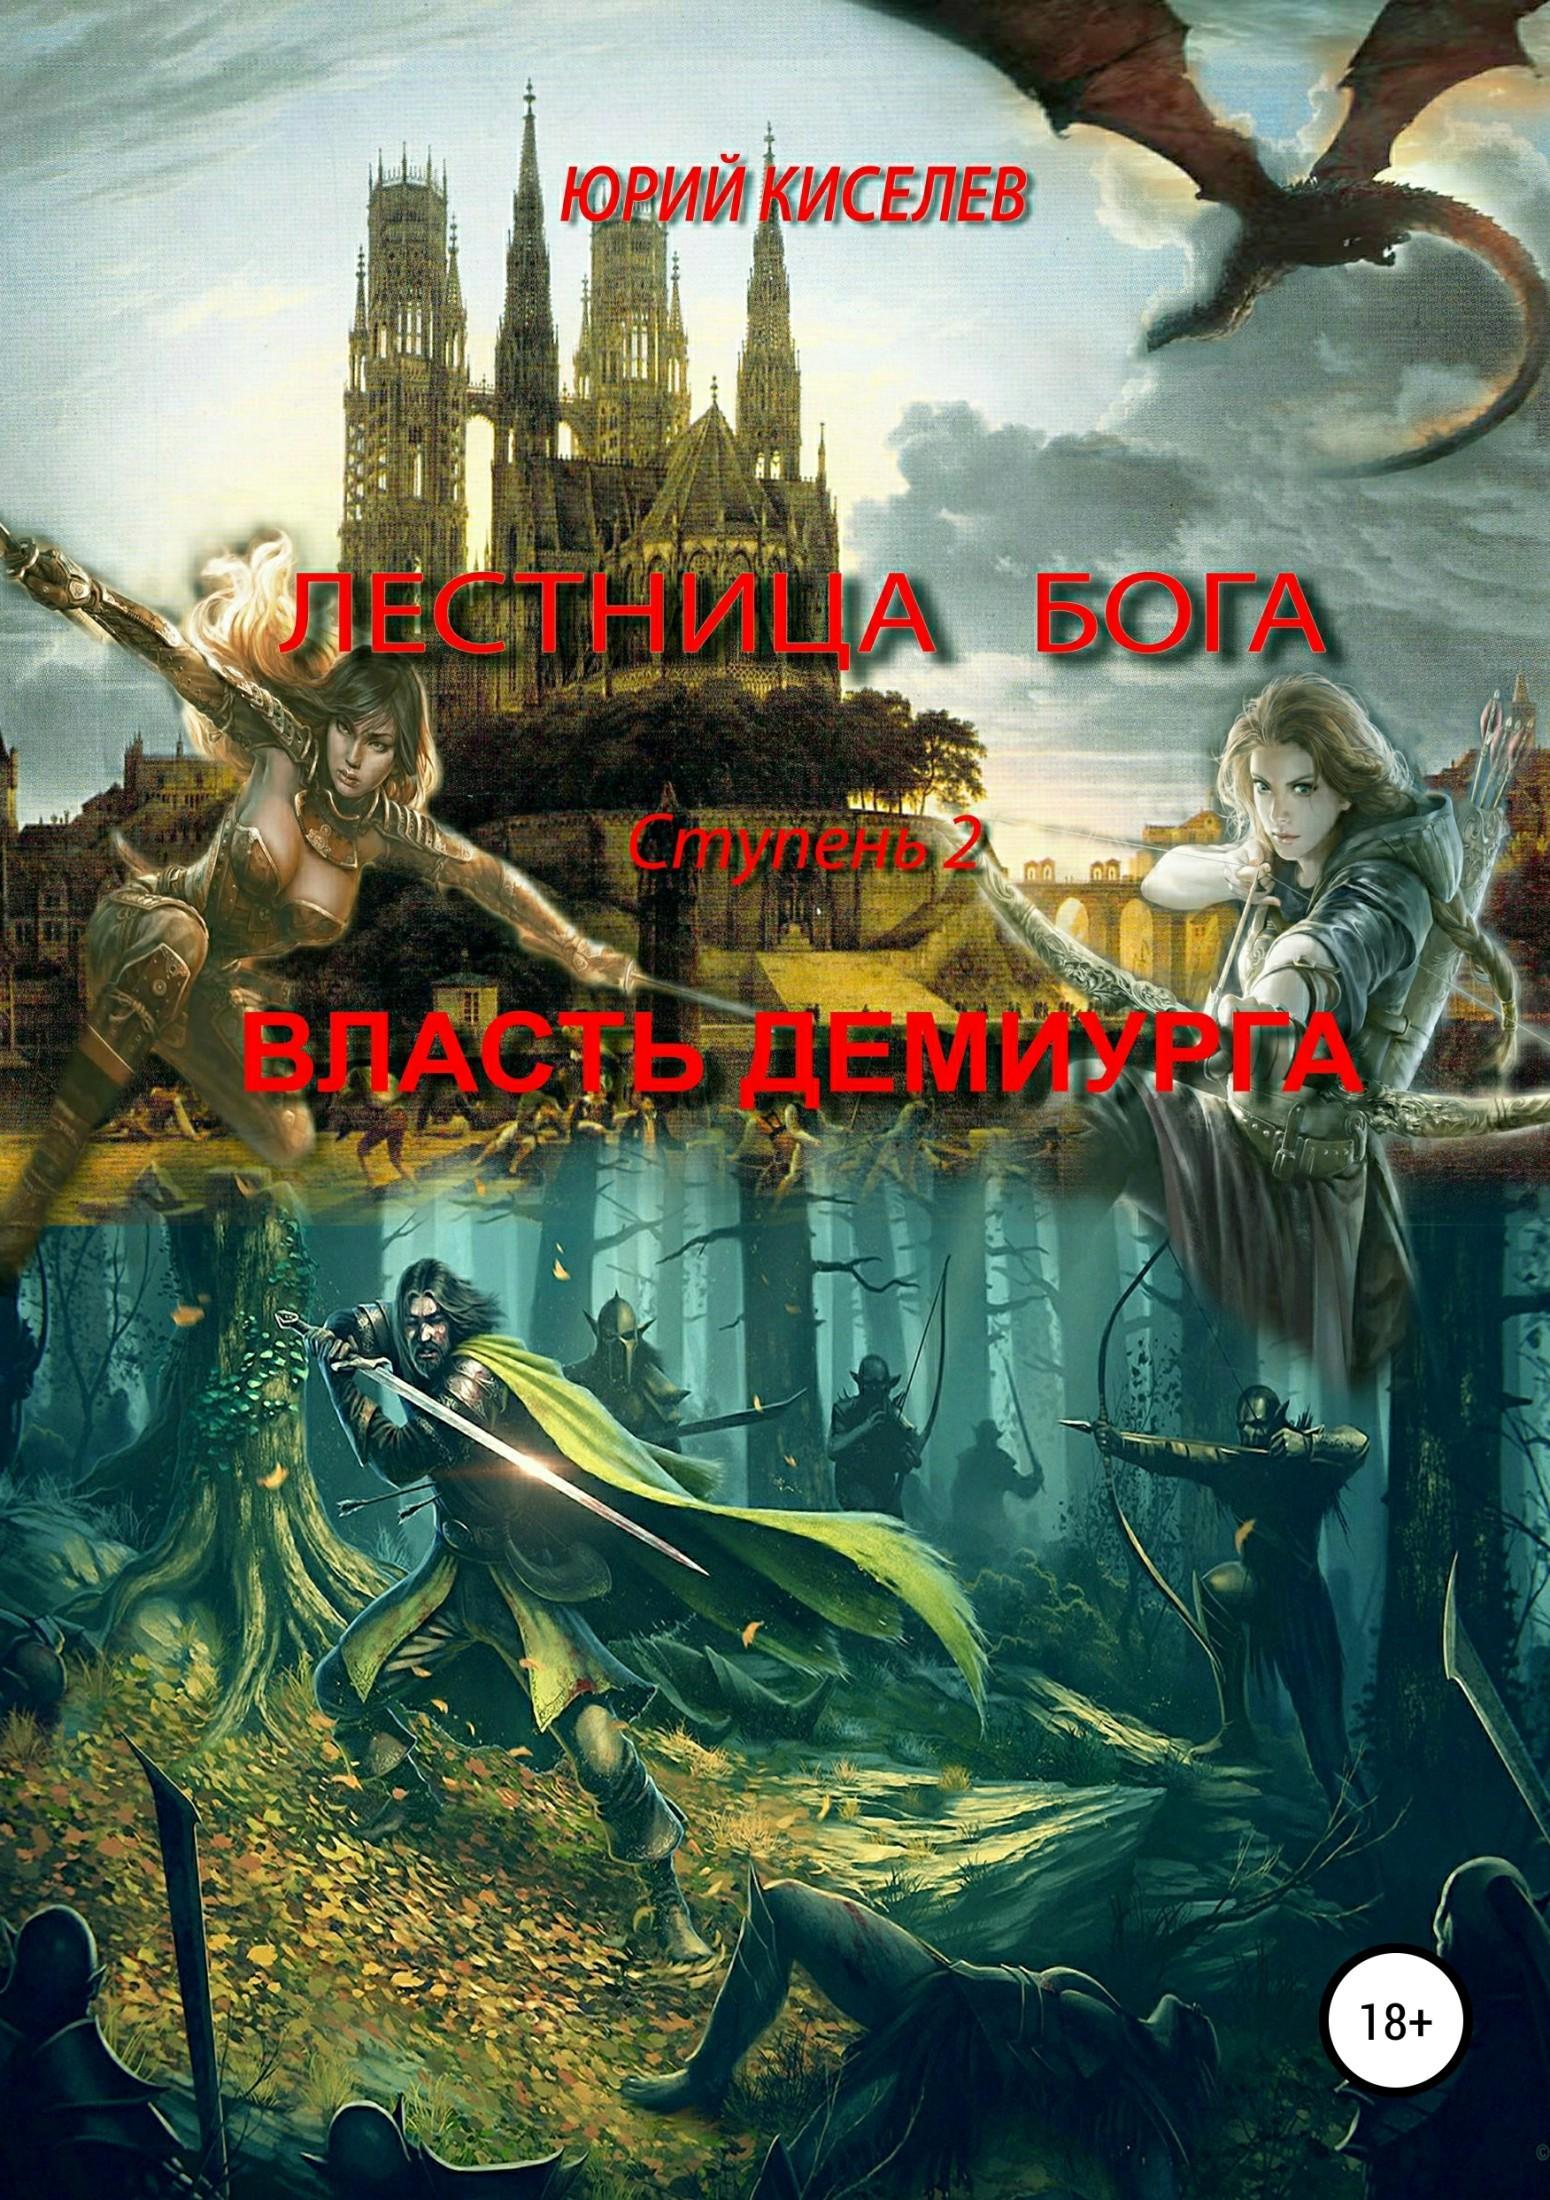 Юрий Киселев - Лестница бога. Ступень 2. Власть демиурга